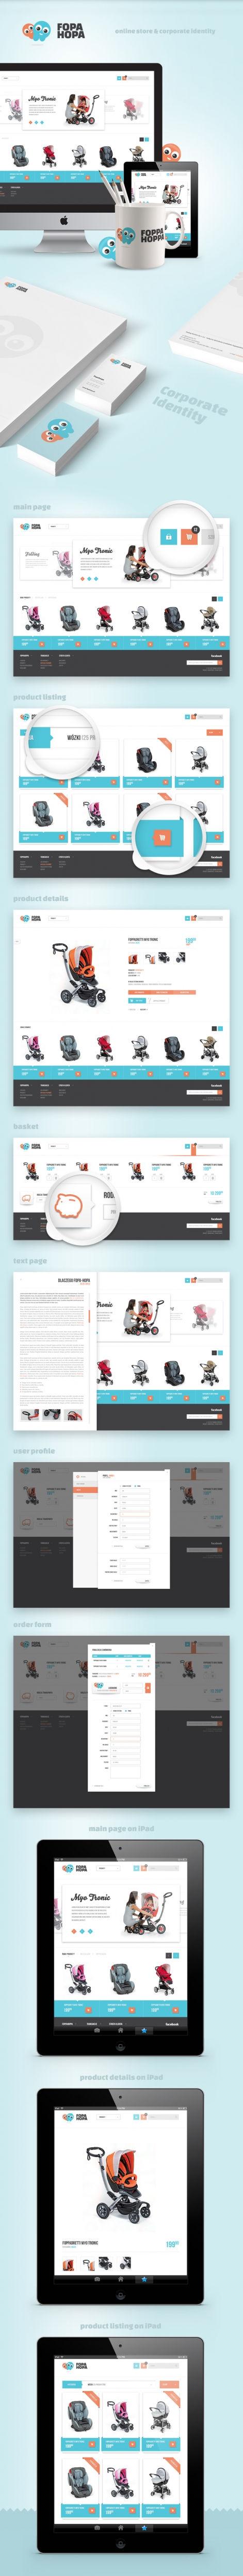 Sklep on-line, identyfikacja wizualna FOPA HOPA wózki dziecięce